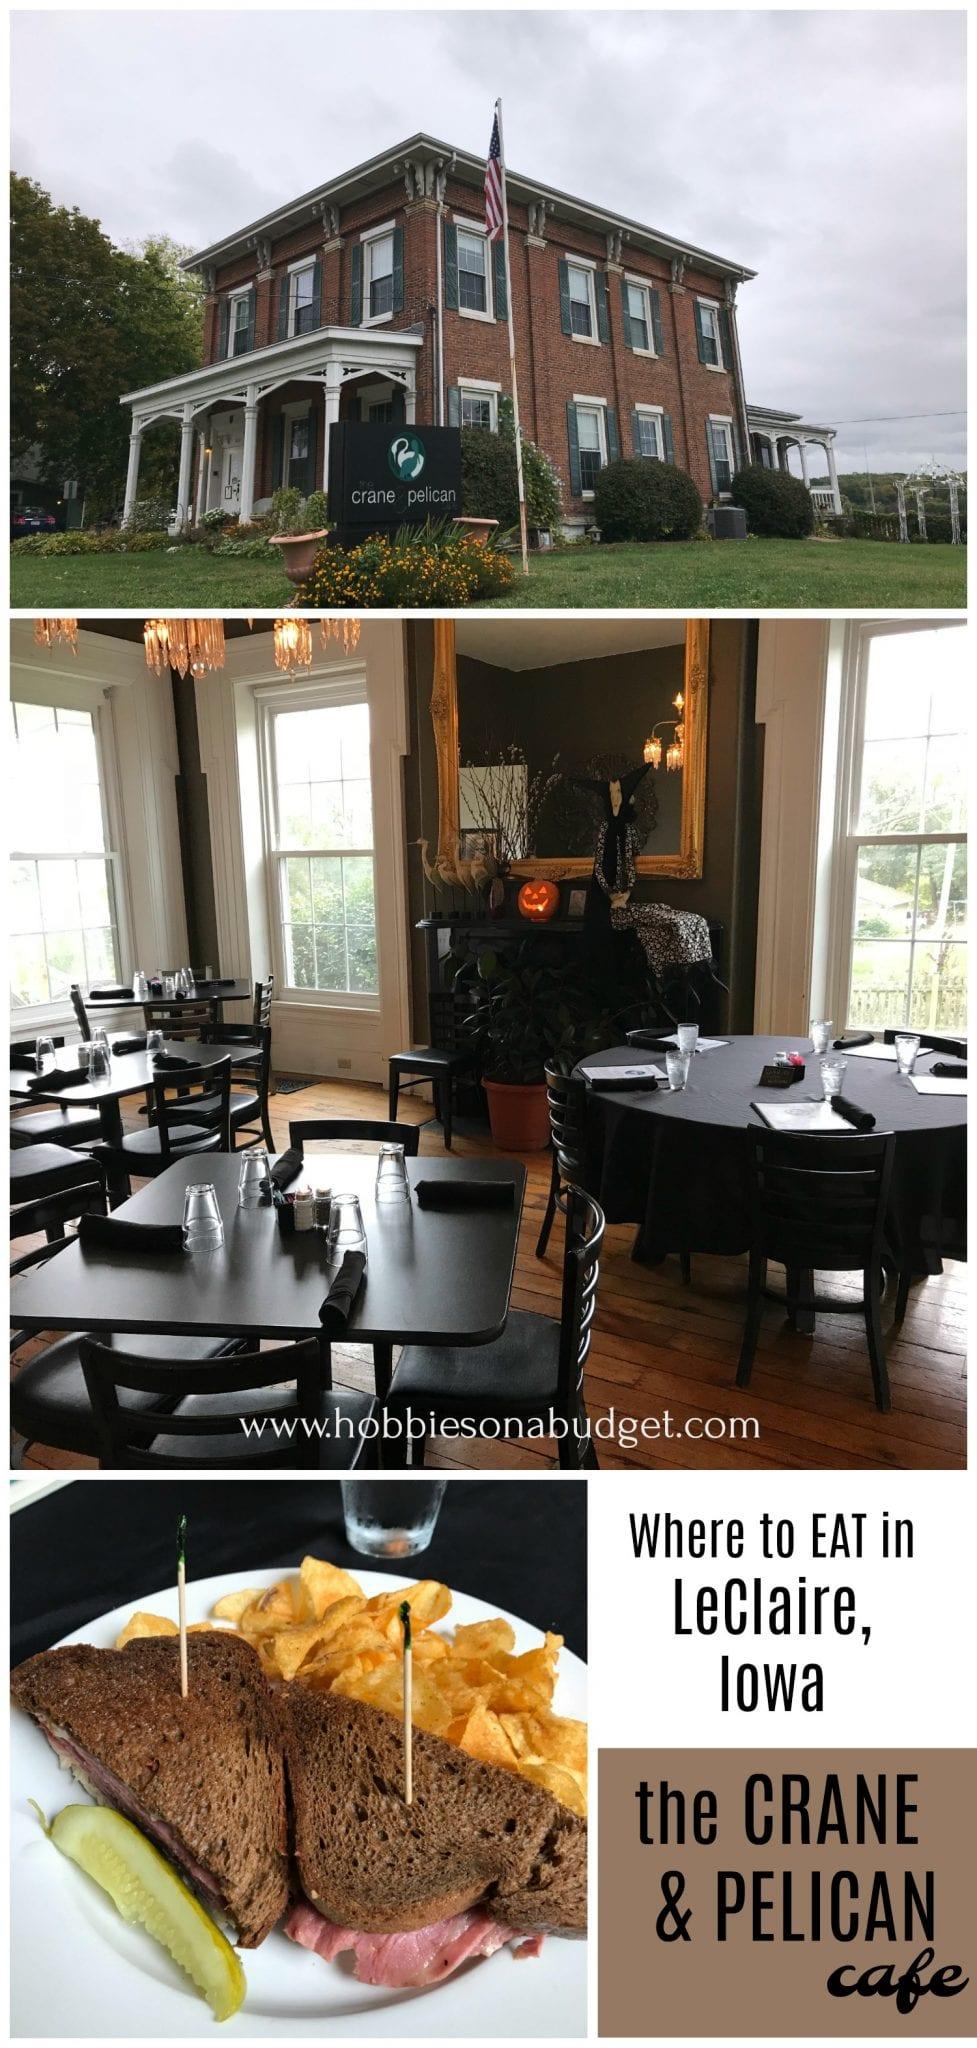 the Crane & Pelican Cafe - LeClaire Iowa